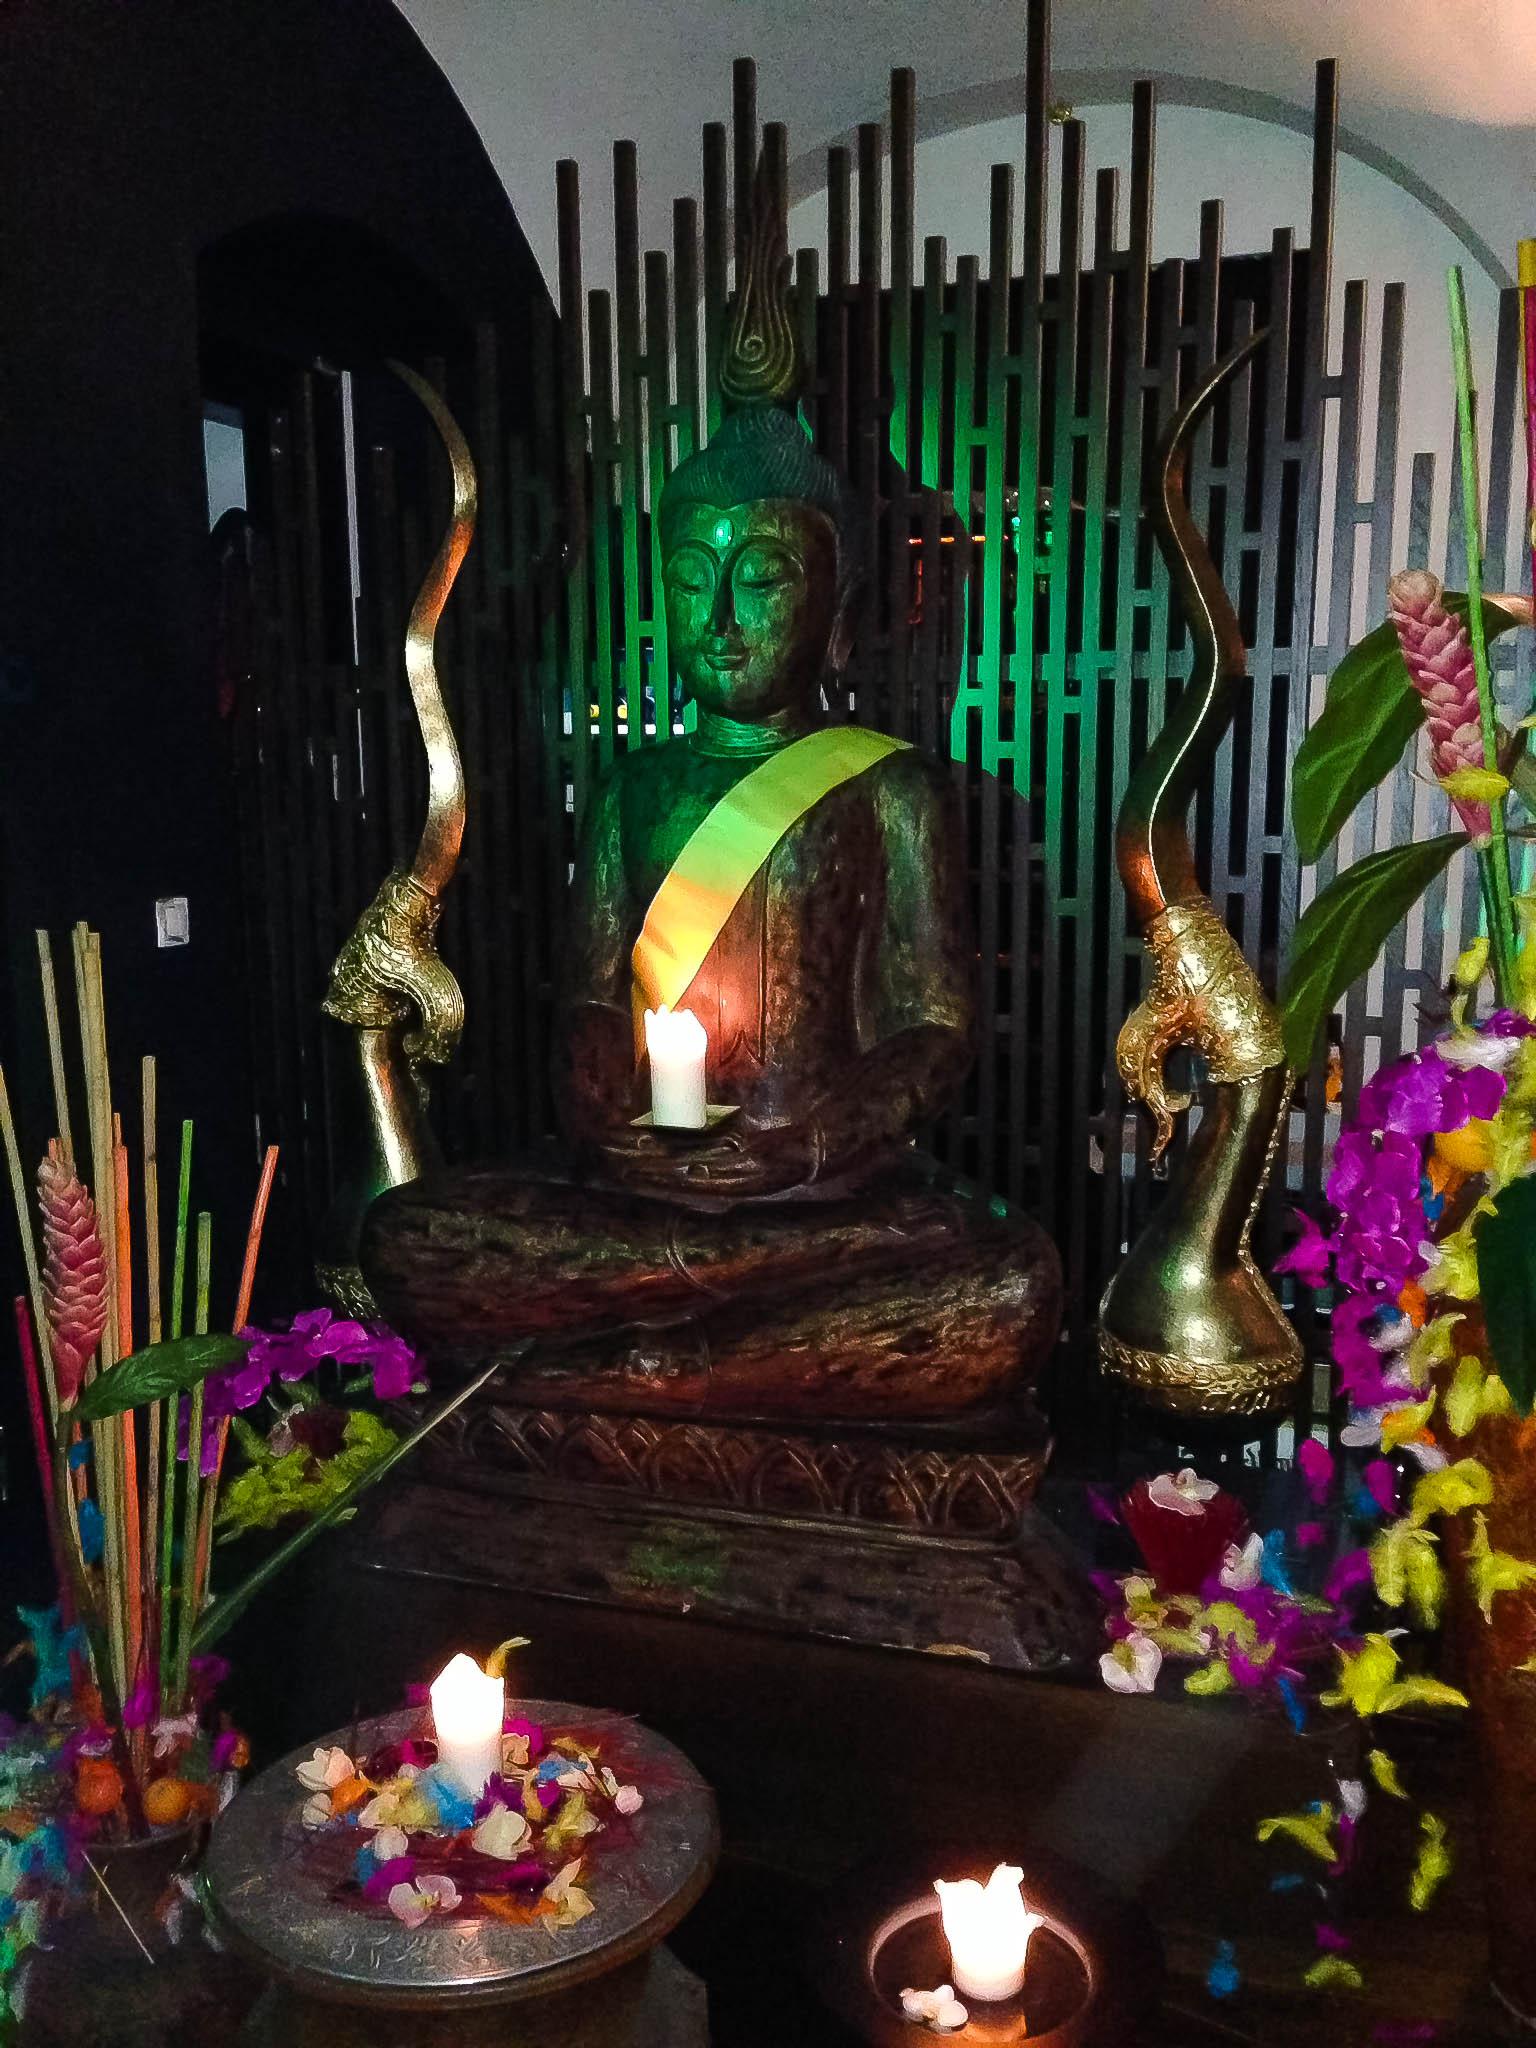 Takto Buddha stráži vašu cestu...na záchod.